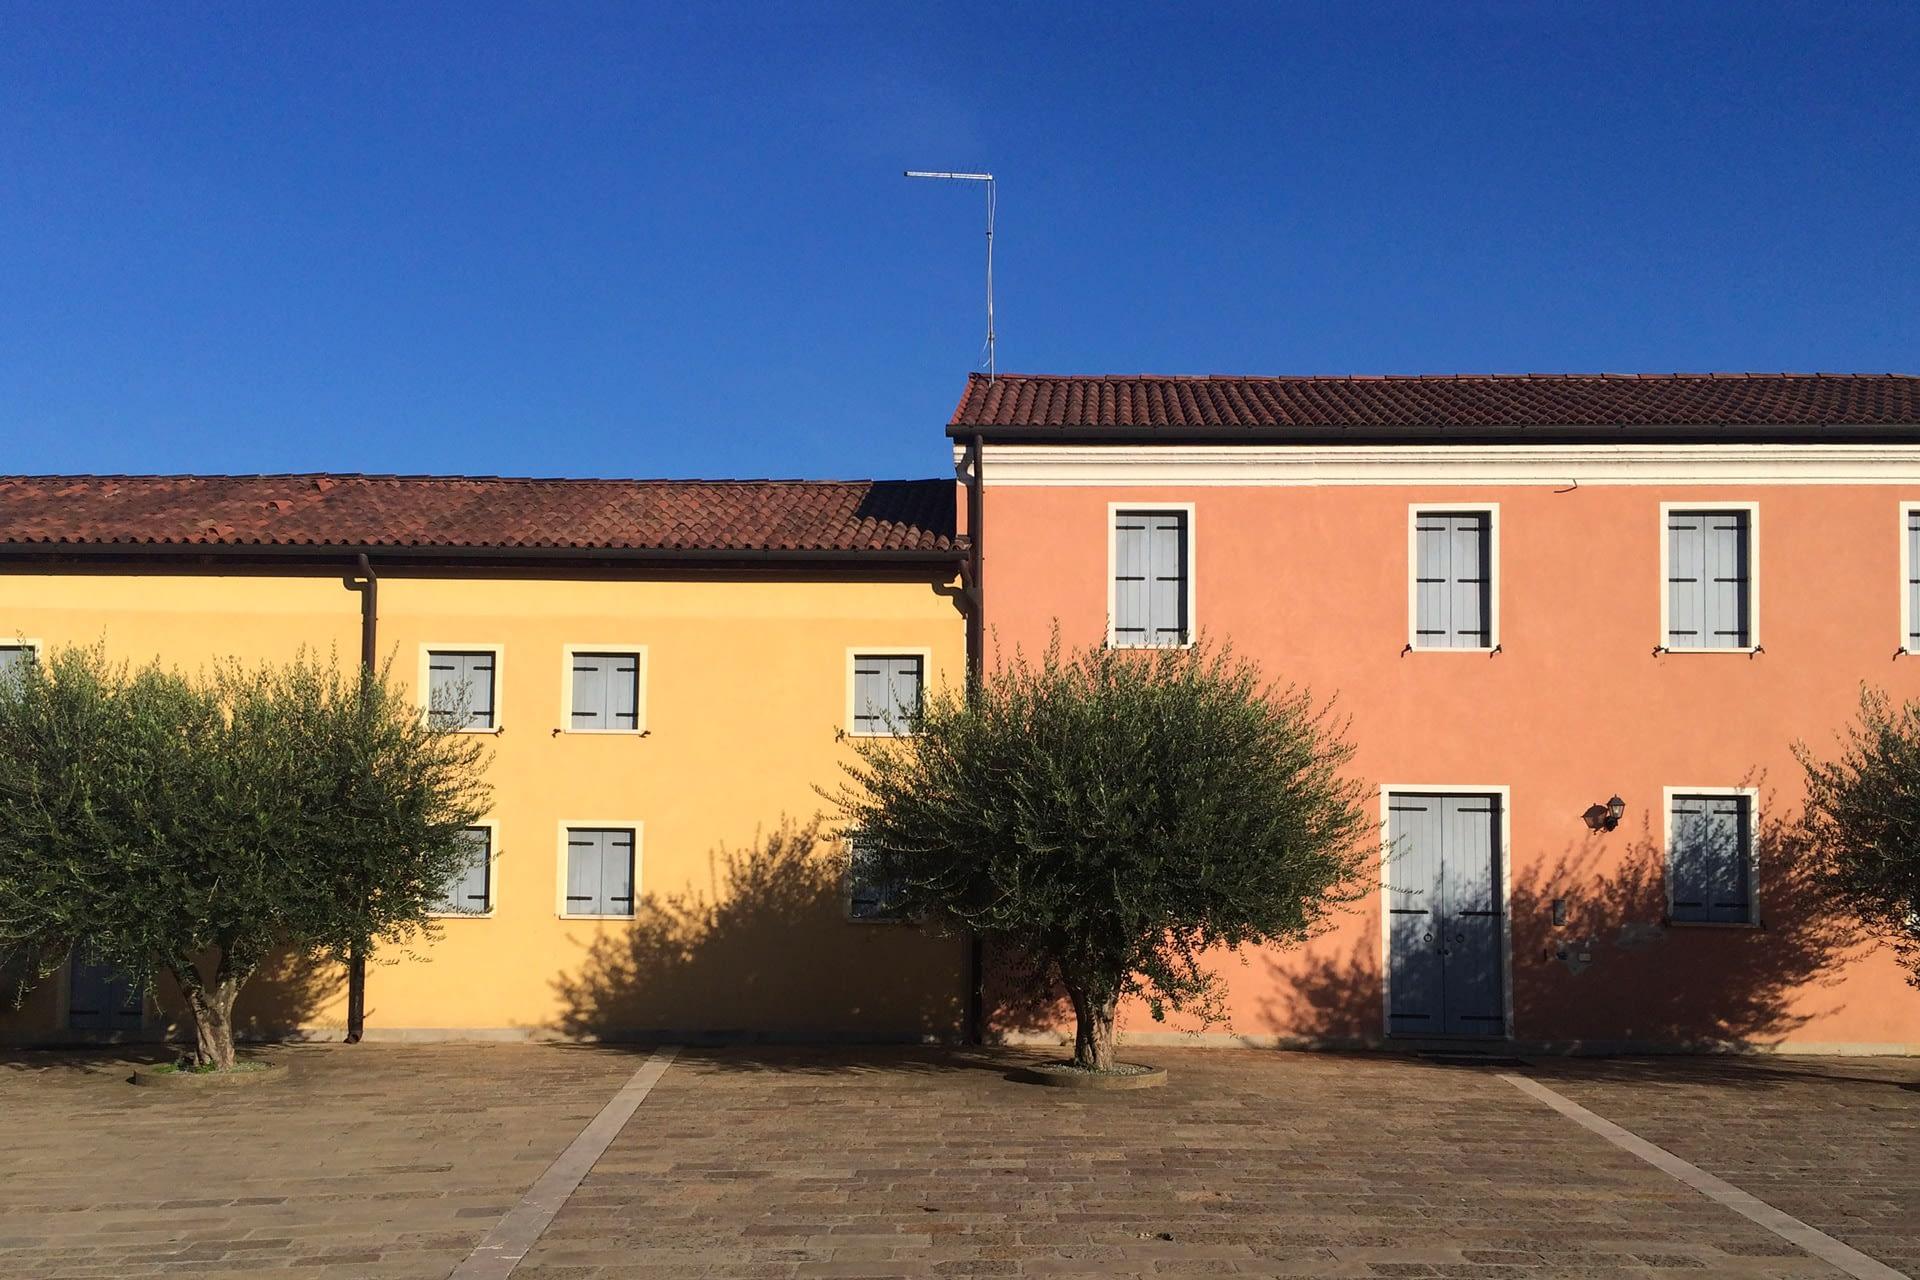 Pernumia_Vista delle case della piazza